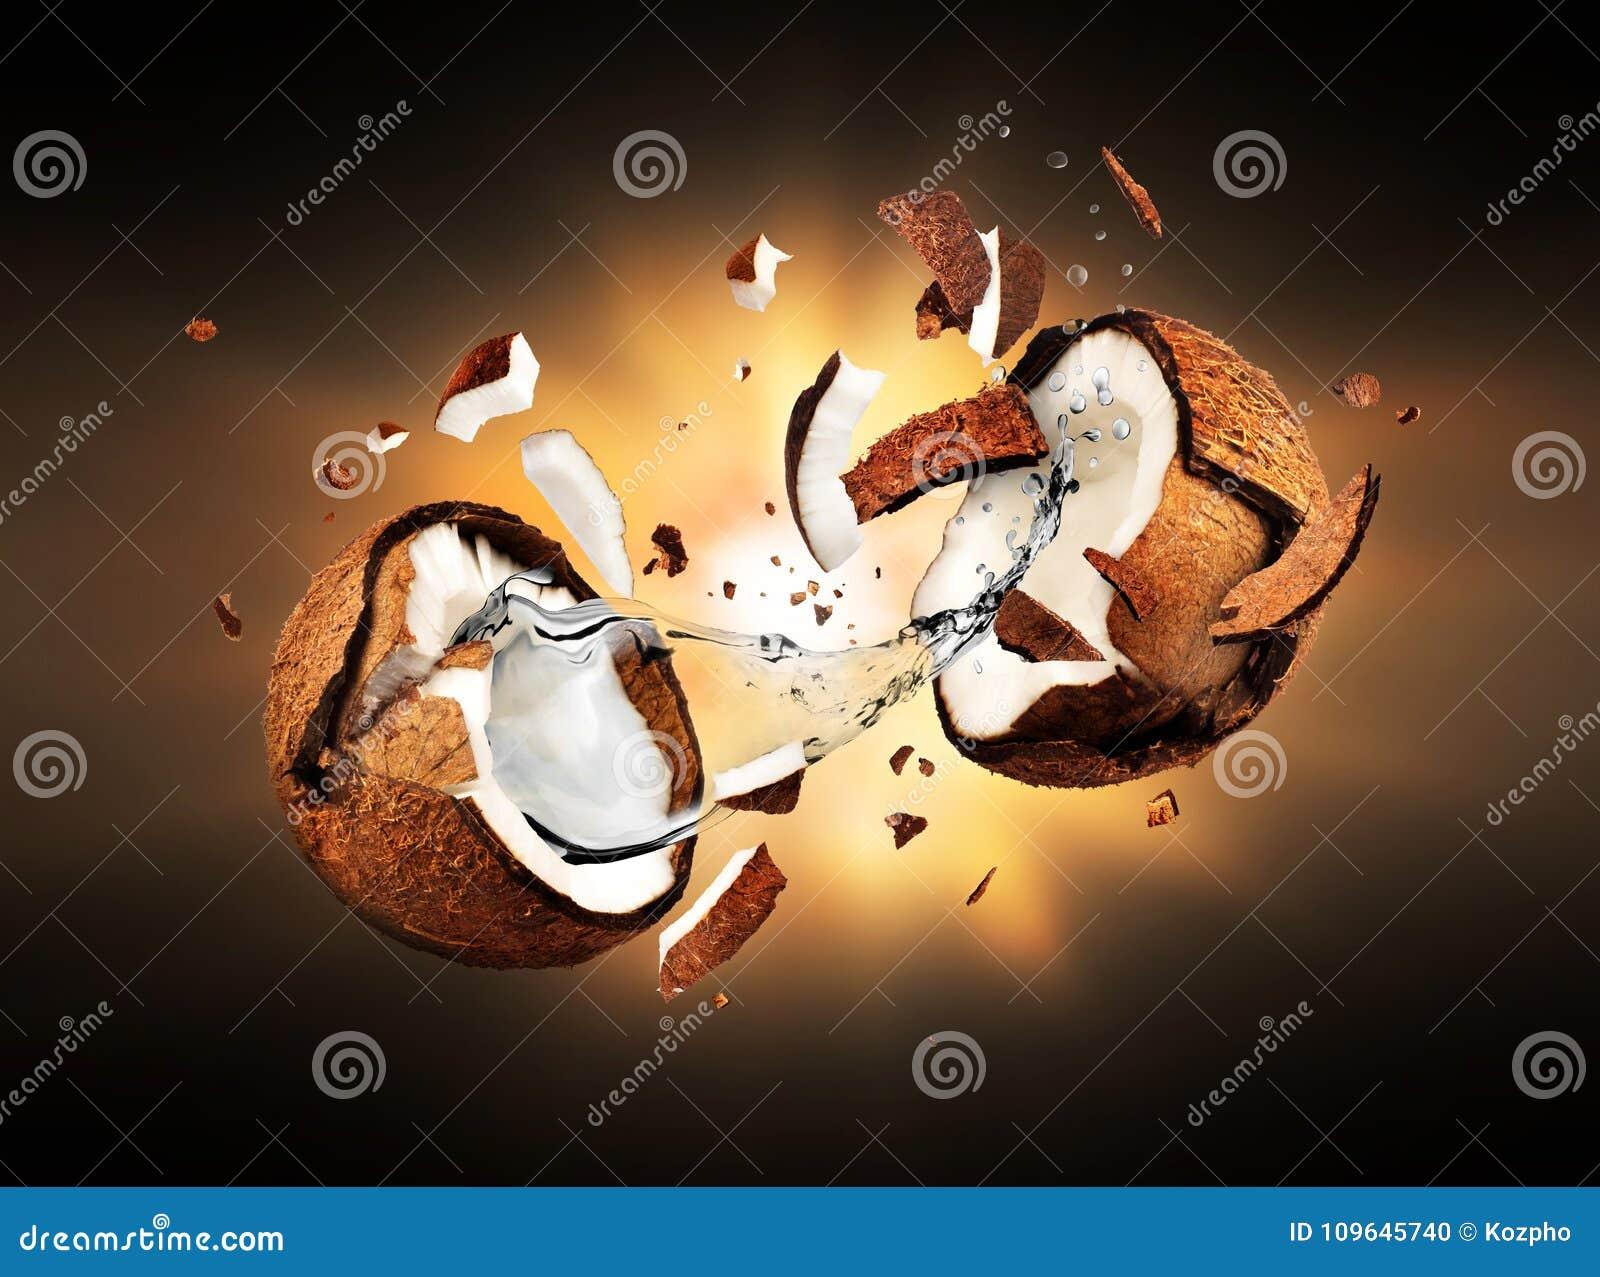 O coco explode em partes na obscuridade